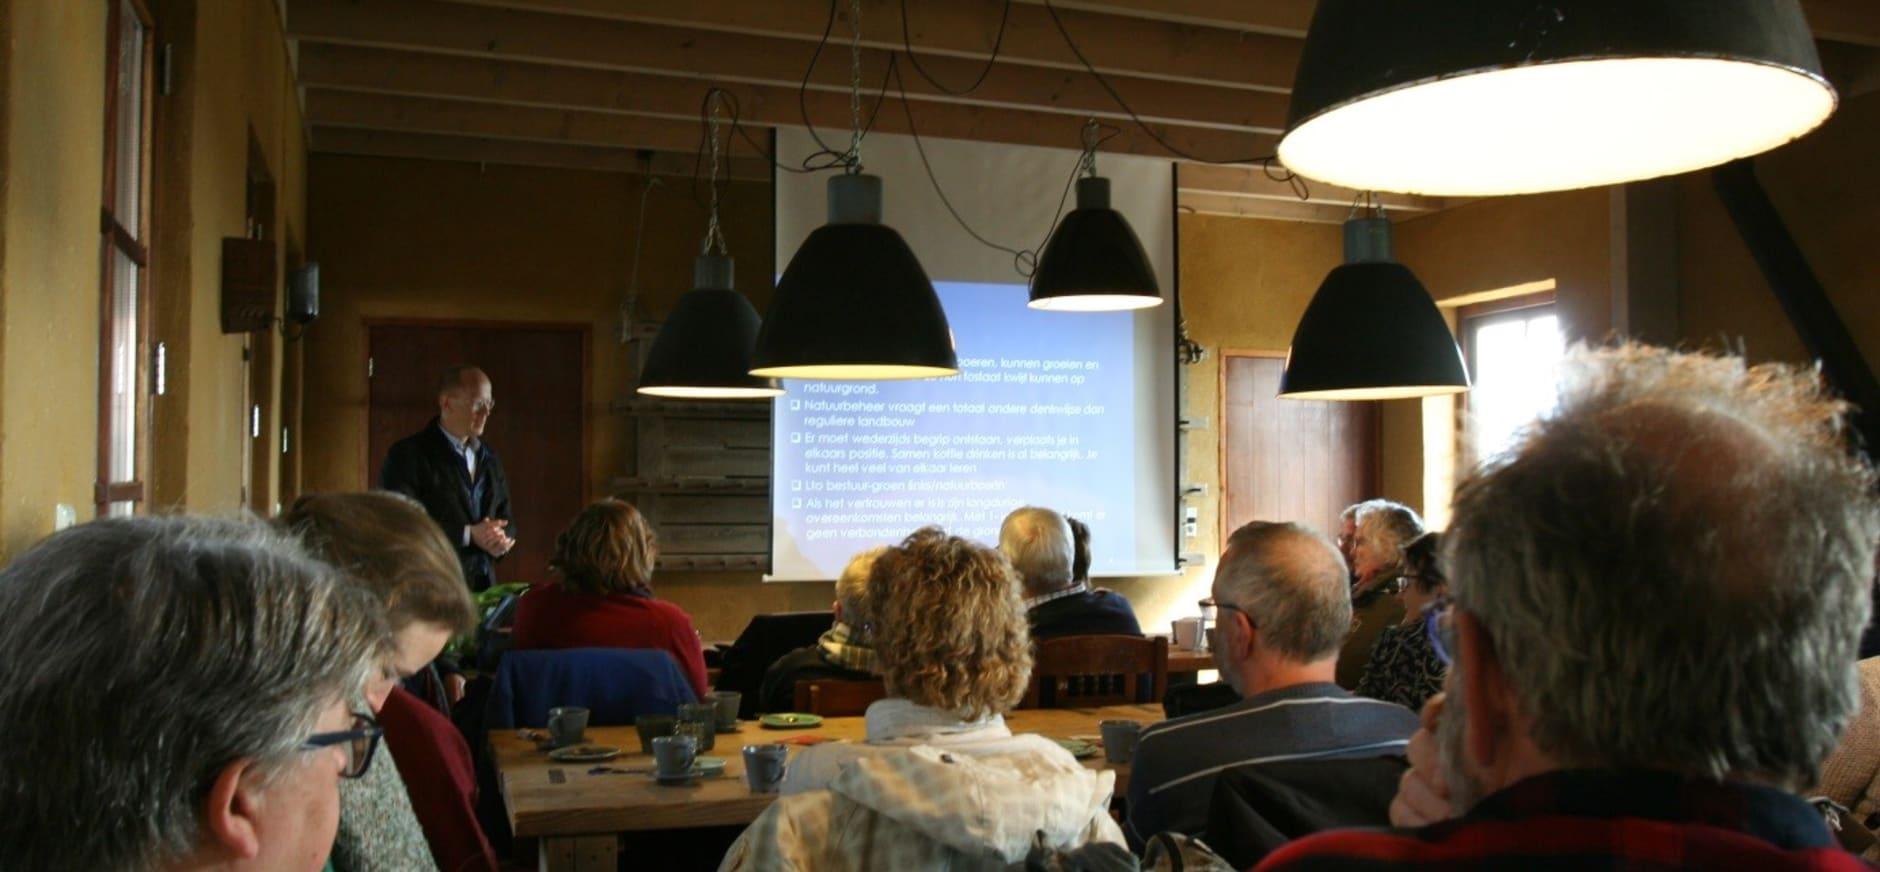 Jaarvergadering LC Noord-Holland